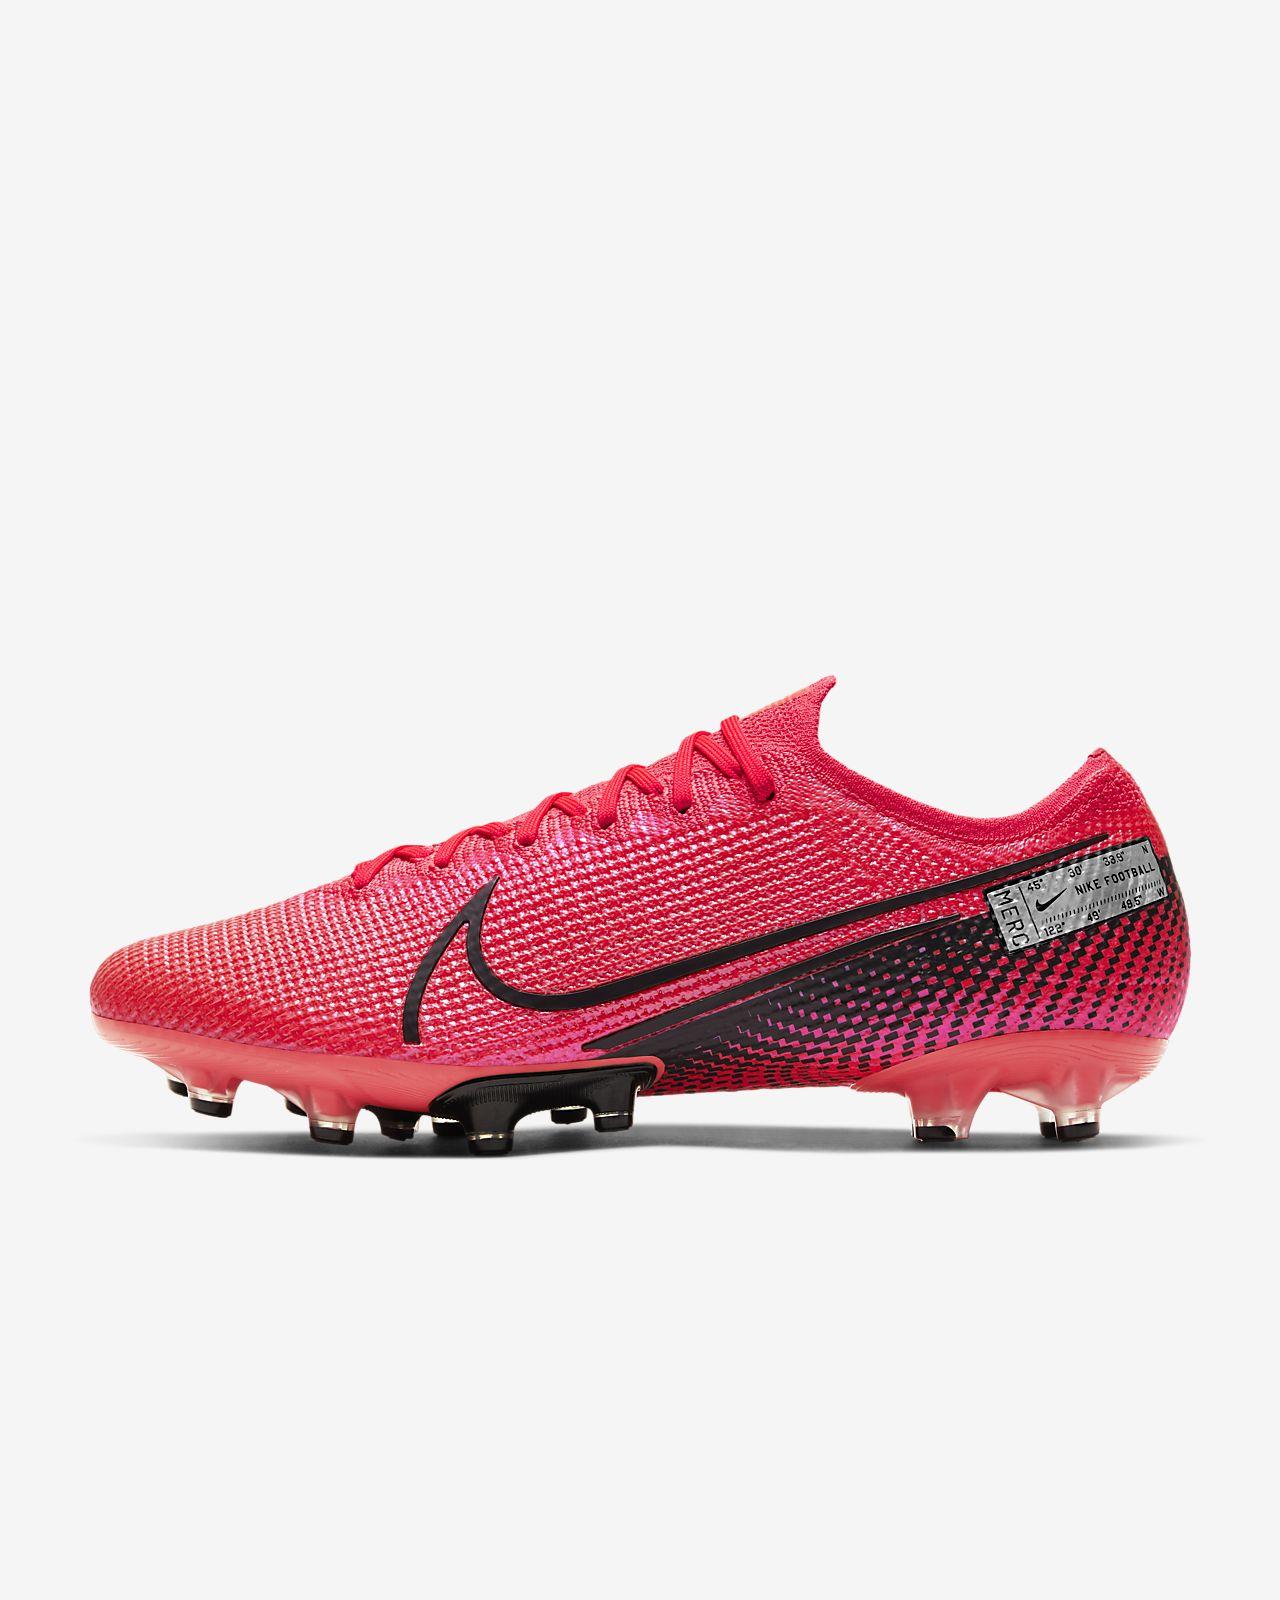 Chaussure de football à crampons pour terrain synthétique Nike Mercurial Vapor 13 Elite AG-PRO